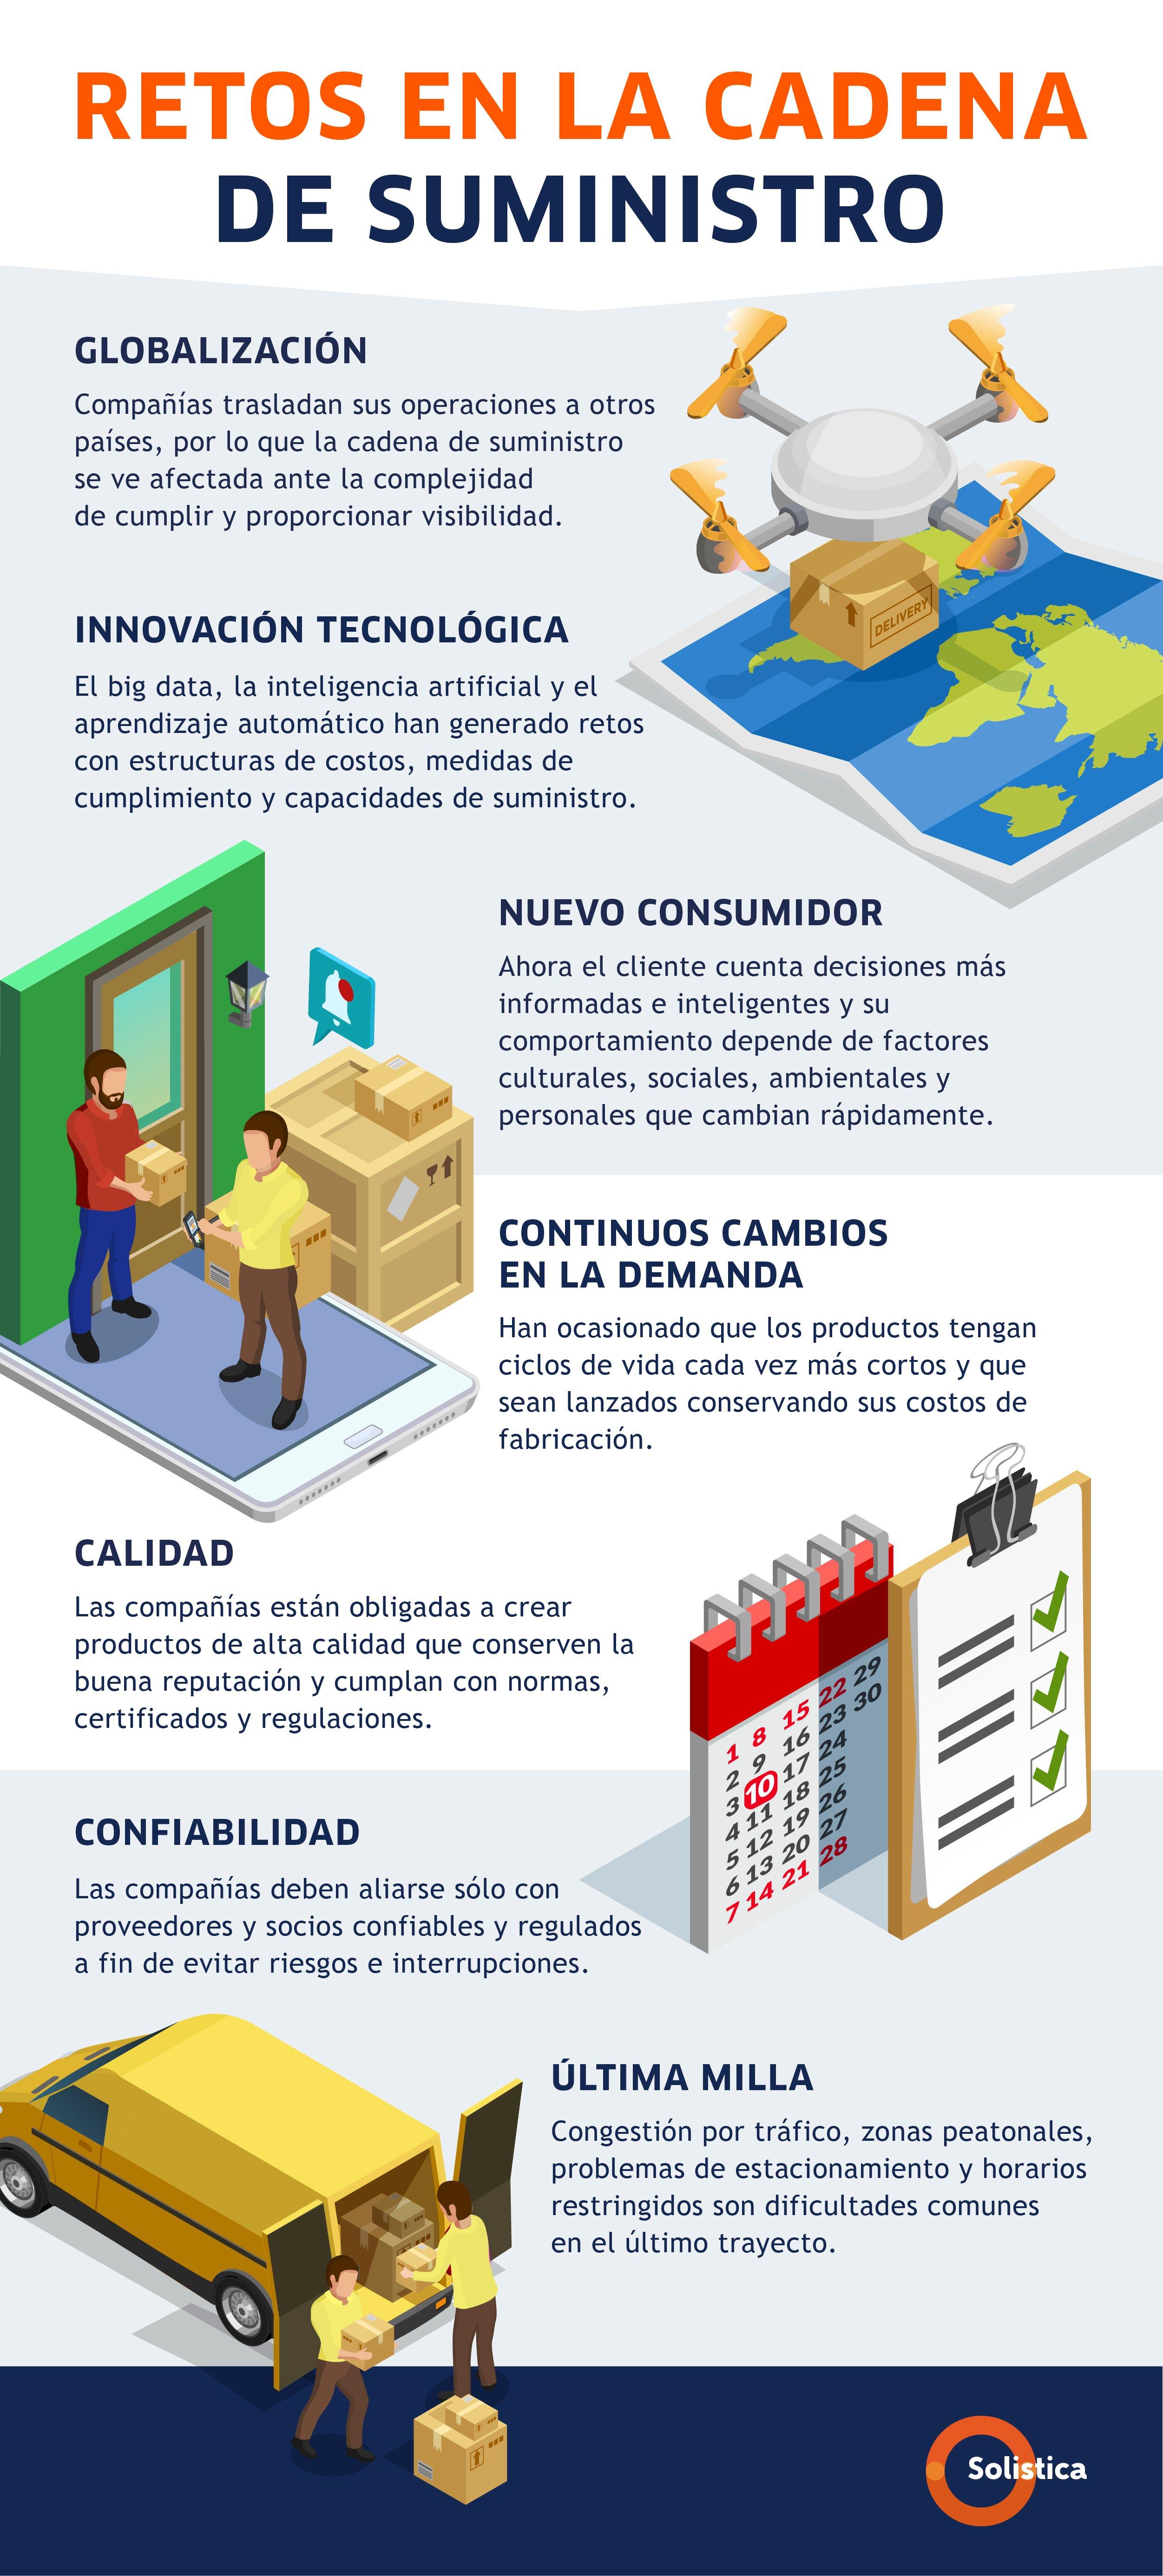 Blog 1 MARZO Infografía Retos en la cadena de suministro